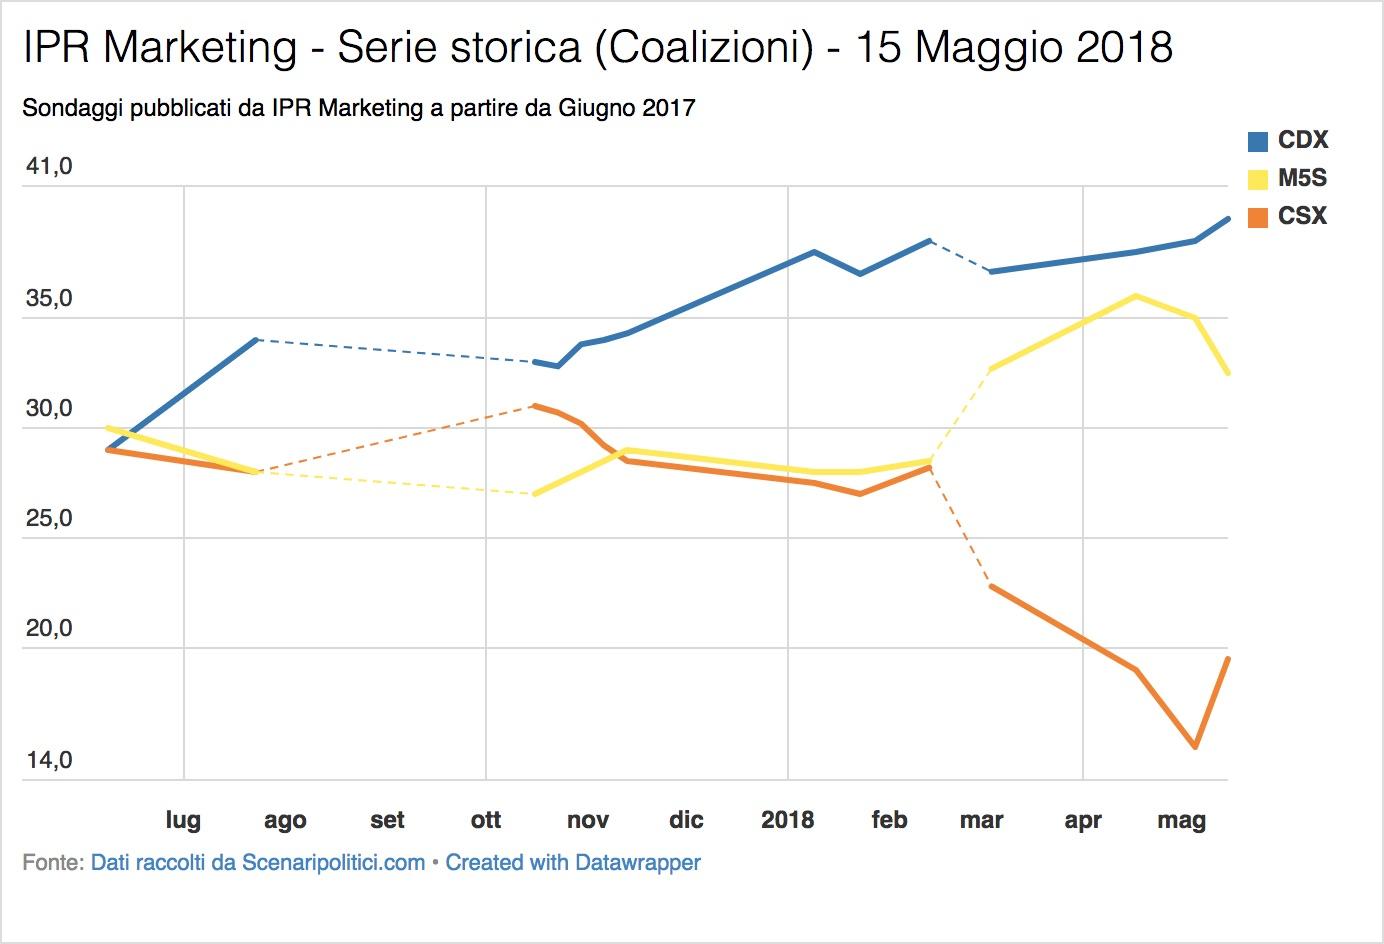 Sondaggio IPR Marketing (15 Maggio 2018)